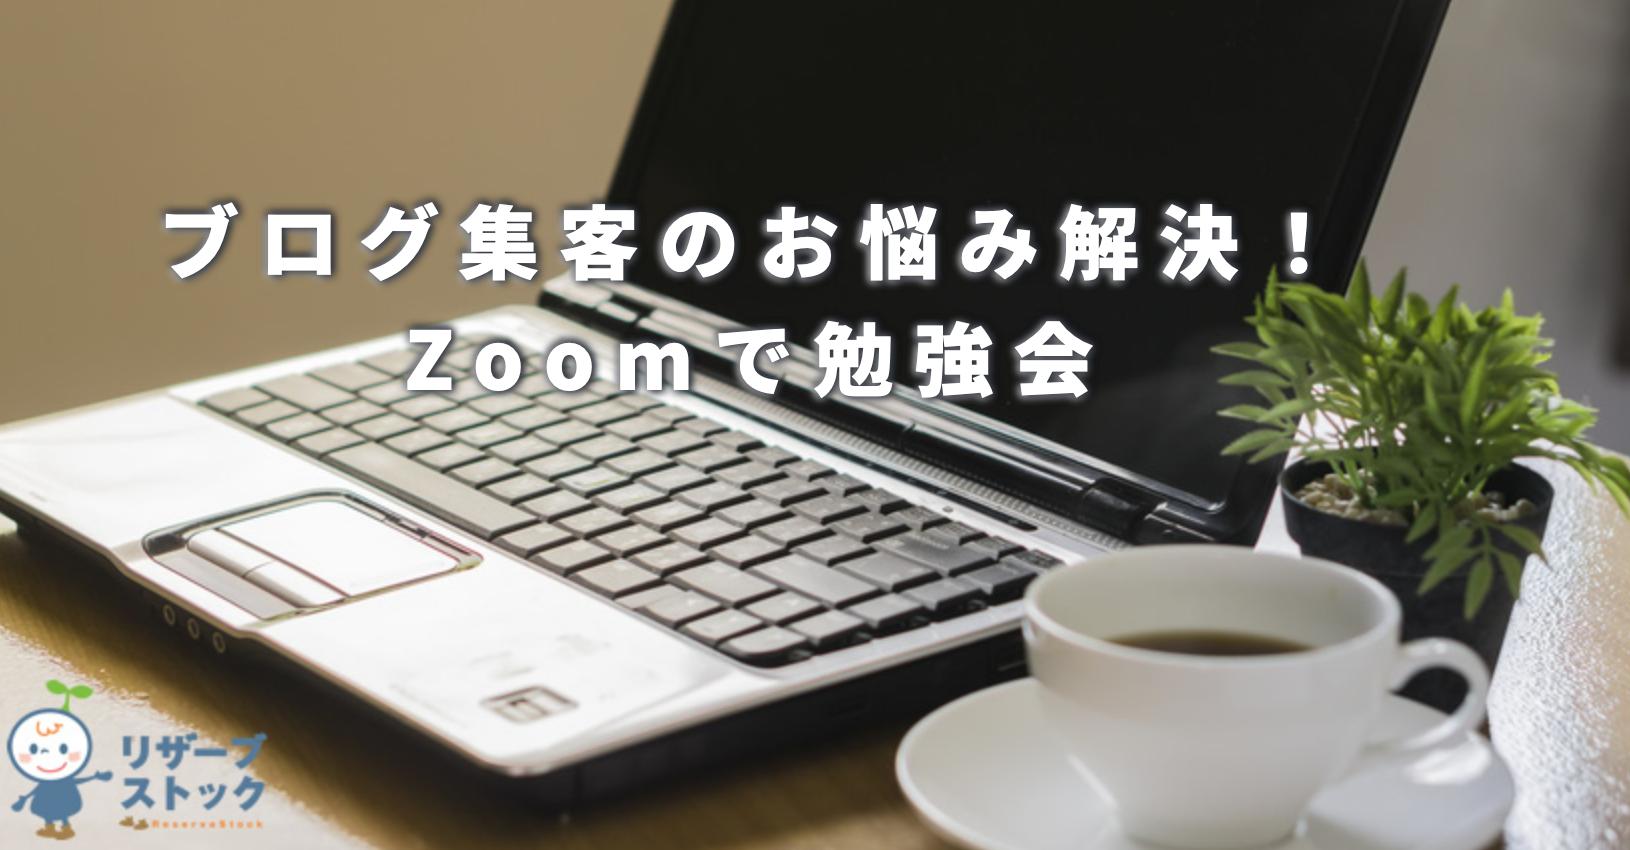 2/5(金)ブログ集客のお悩み解決!ZOOM勉強会